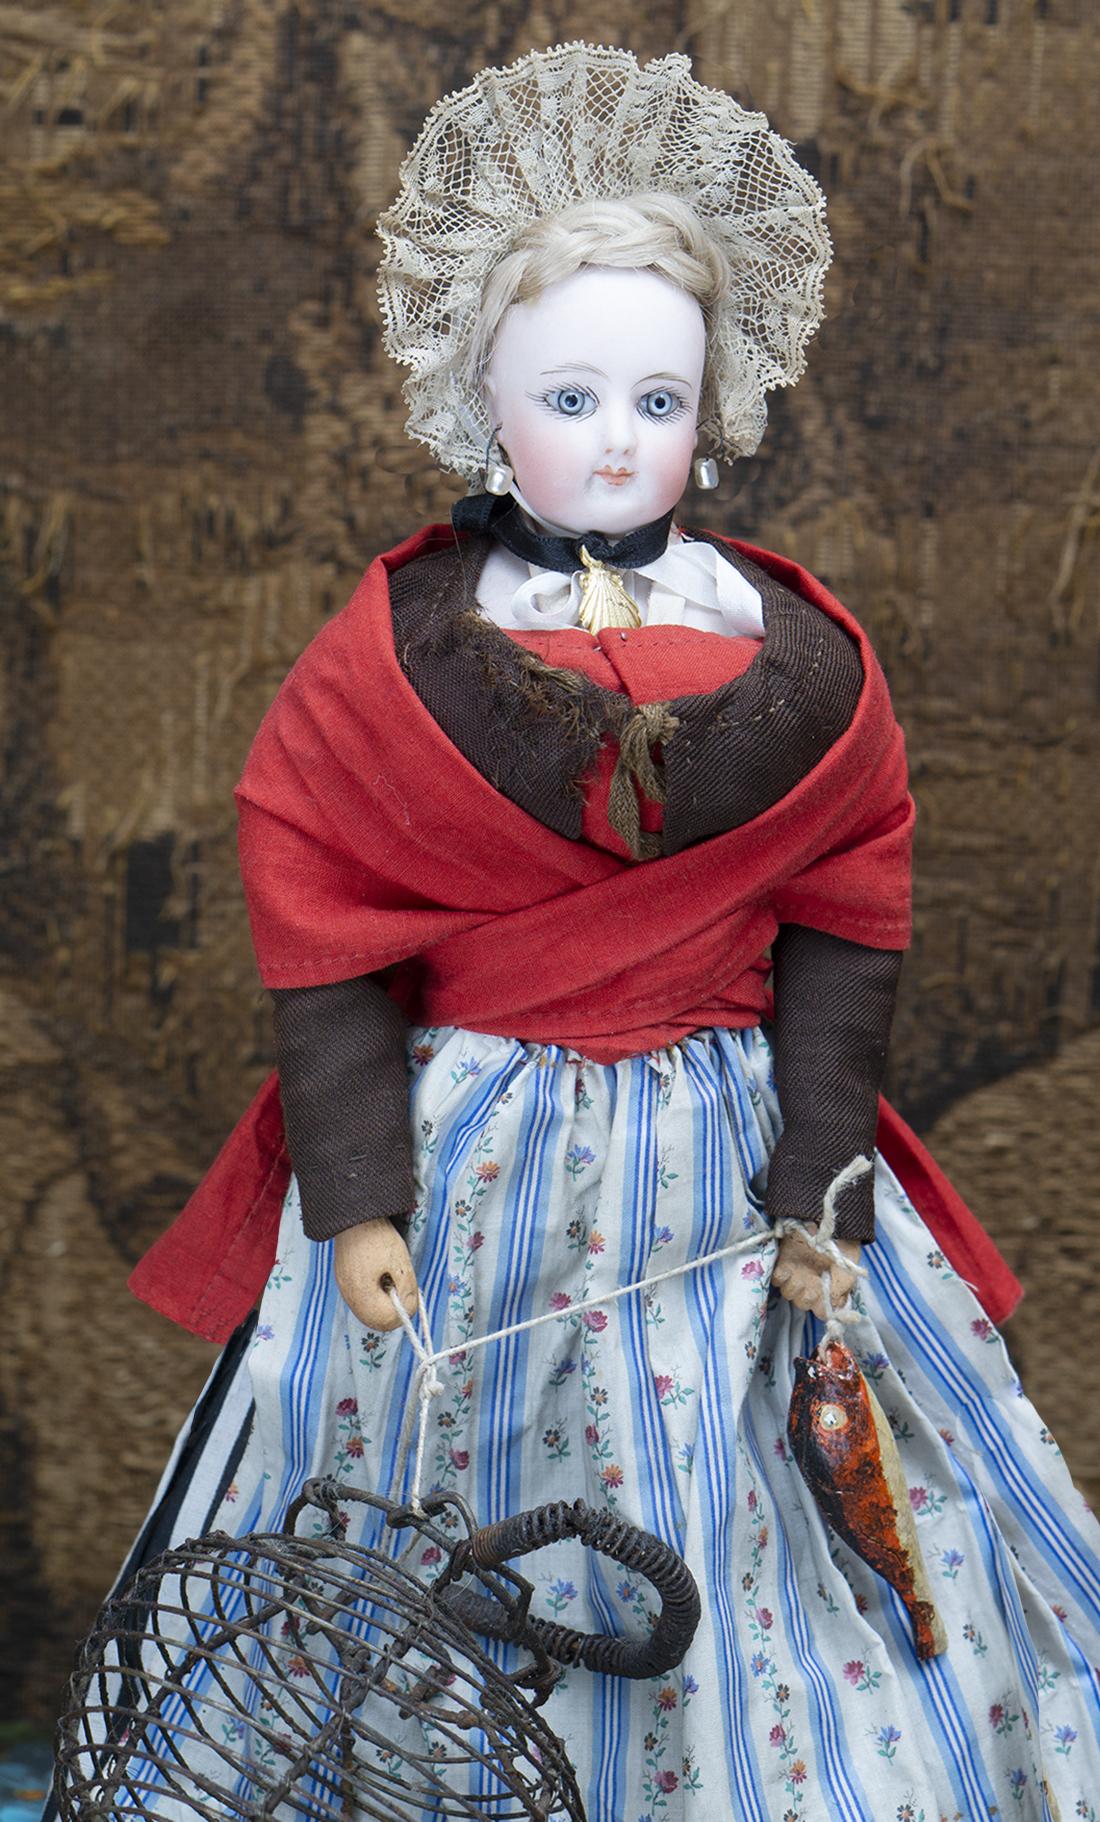 34cм Французская Модная Кукла Готье в оригинальном костюме рыбачки